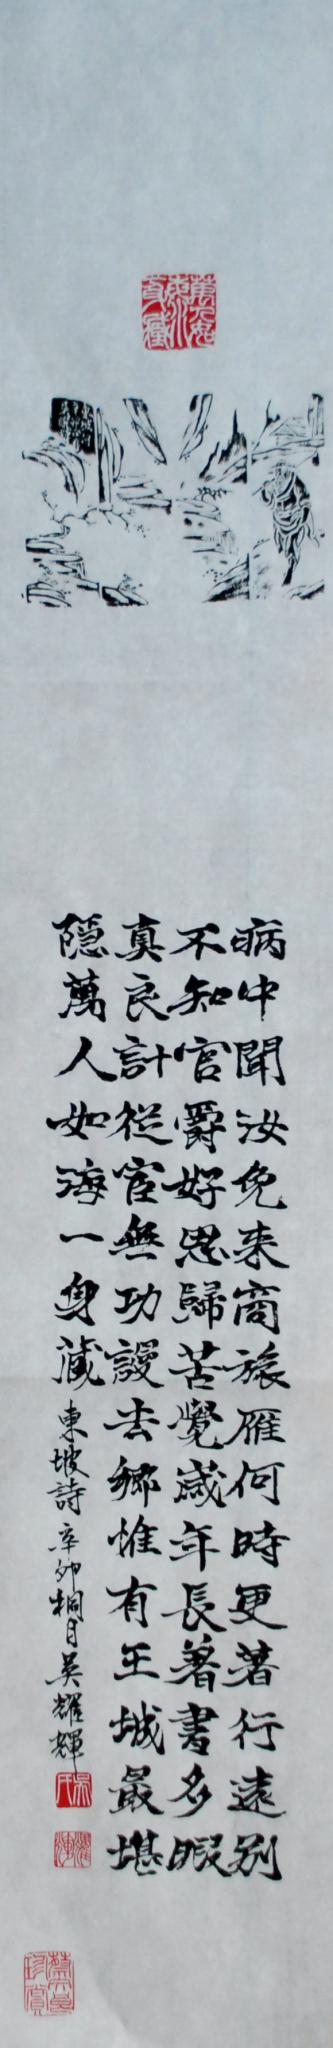 吳耀輝書法41_1.JPG